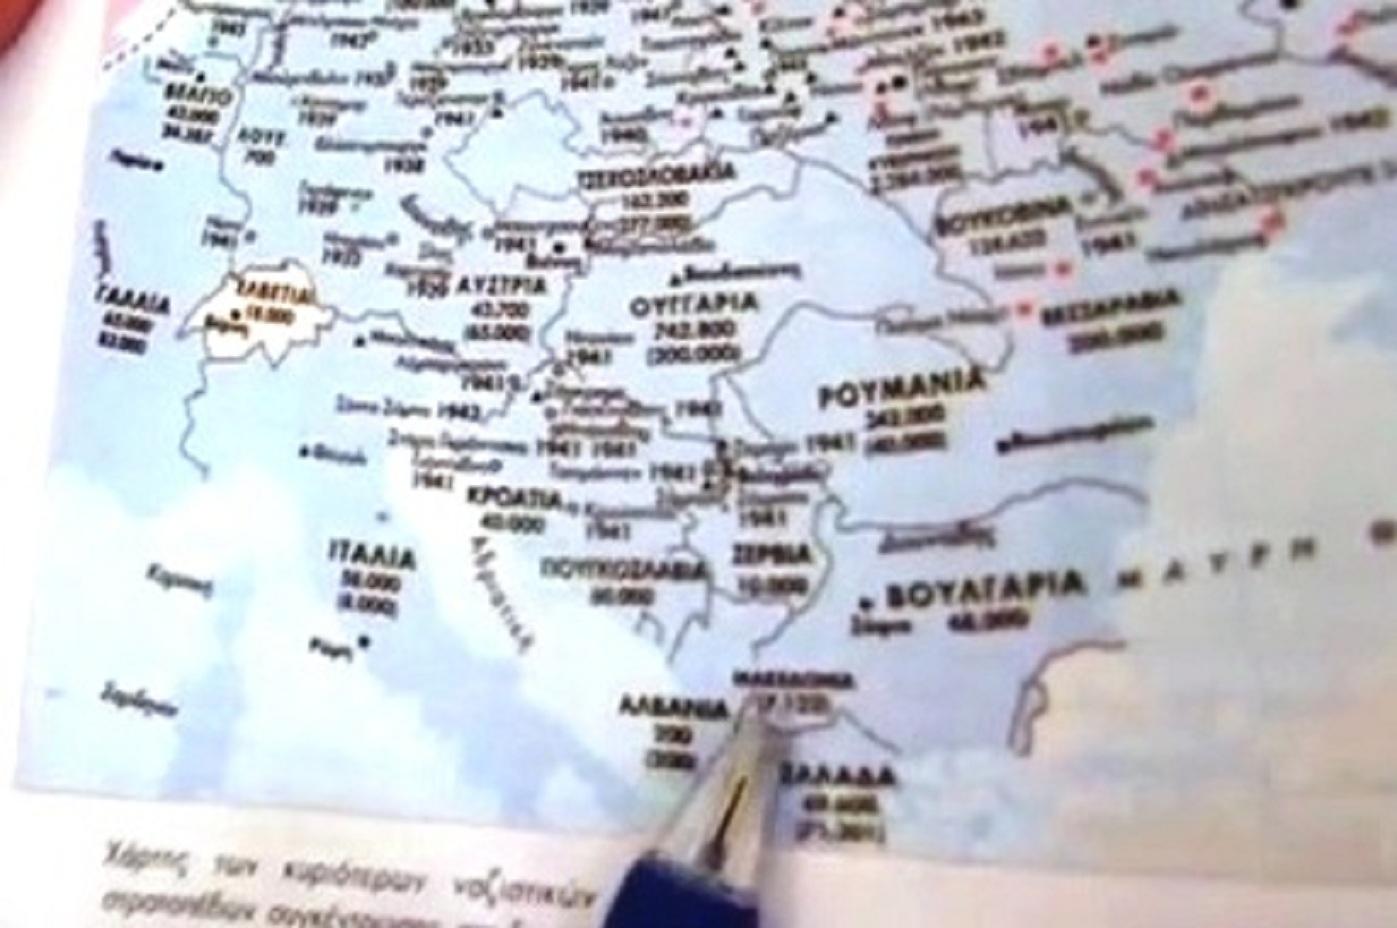 Ἡ Βαρδάρκσα «ἀνεβαθμίσθῃ», ἀπὸ τὸ ὑπουργεῖον ἀ-παιδείας σὲ Μακεδονία!!!